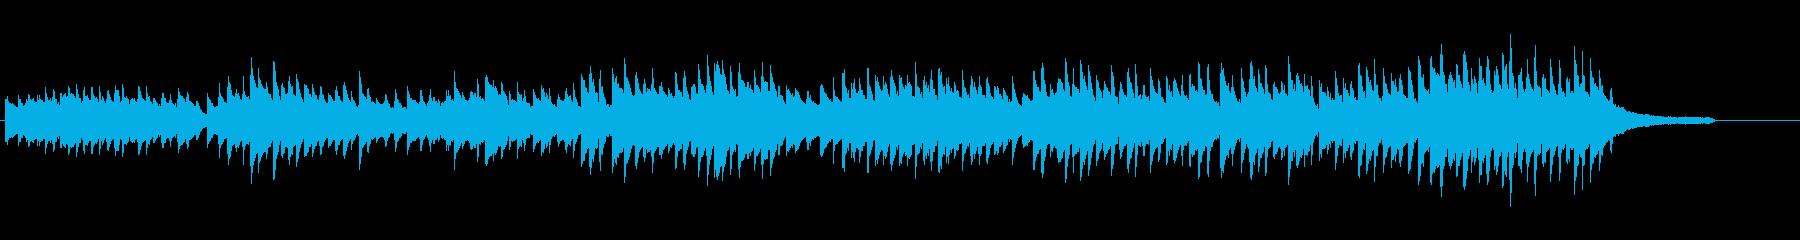 フワフワしたアルペジオのピアノソロの再生済みの波形